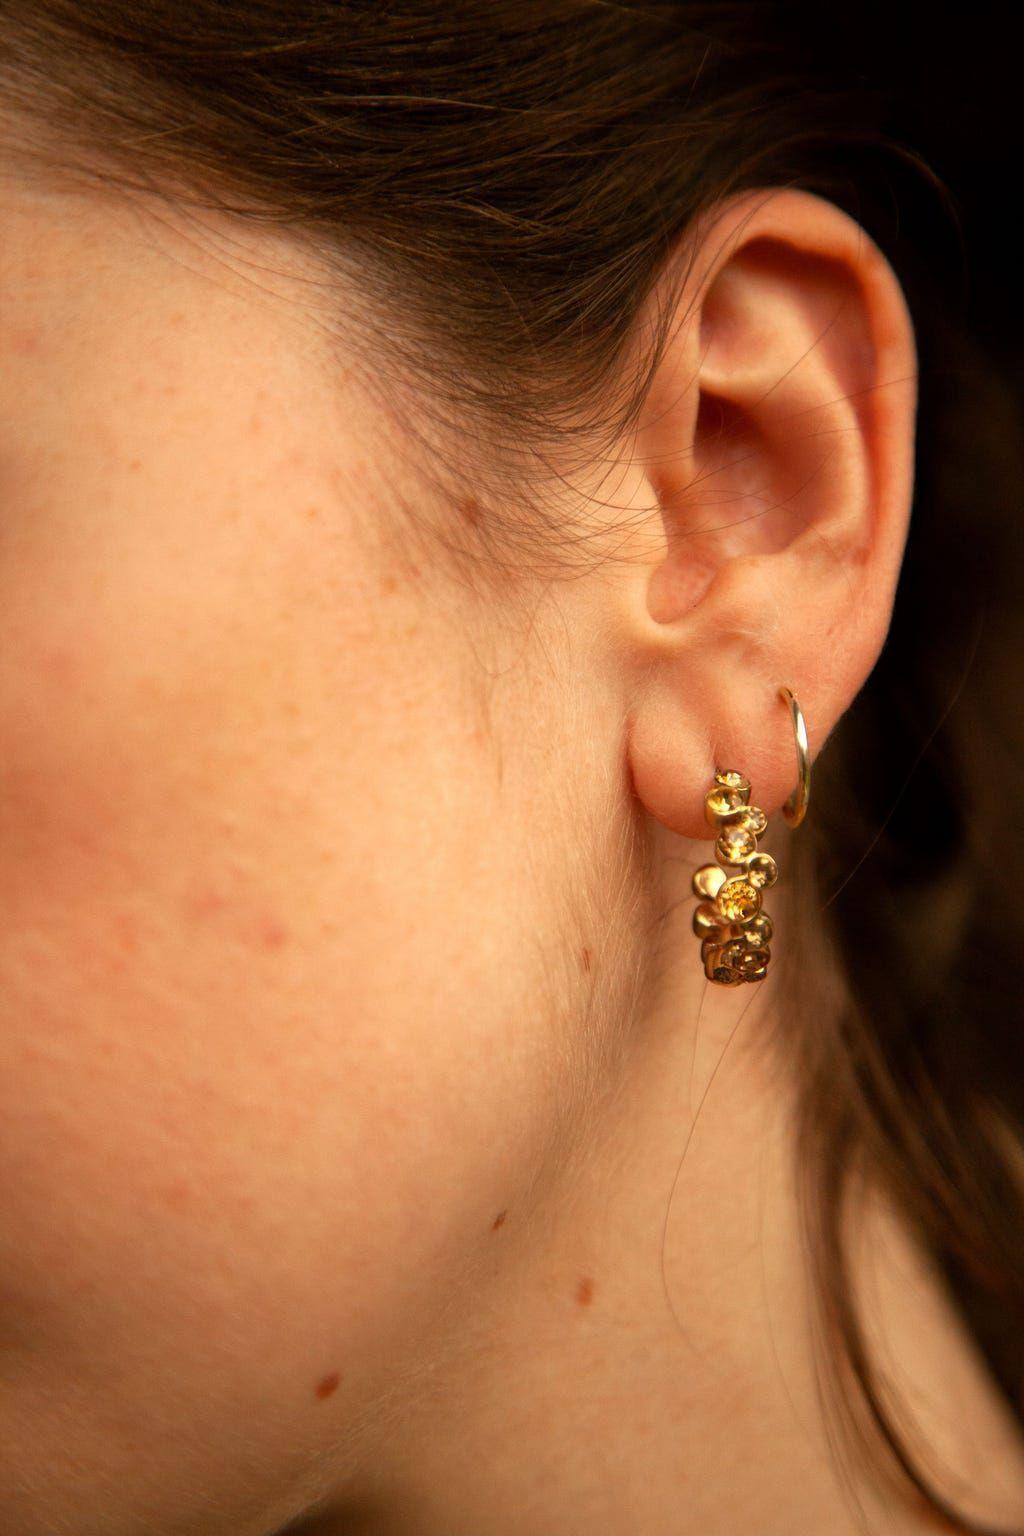 Deep Digs Ear Extraction Oozing Pimple In 2020 Mitesser Ausdrucken Mitesser Pickel